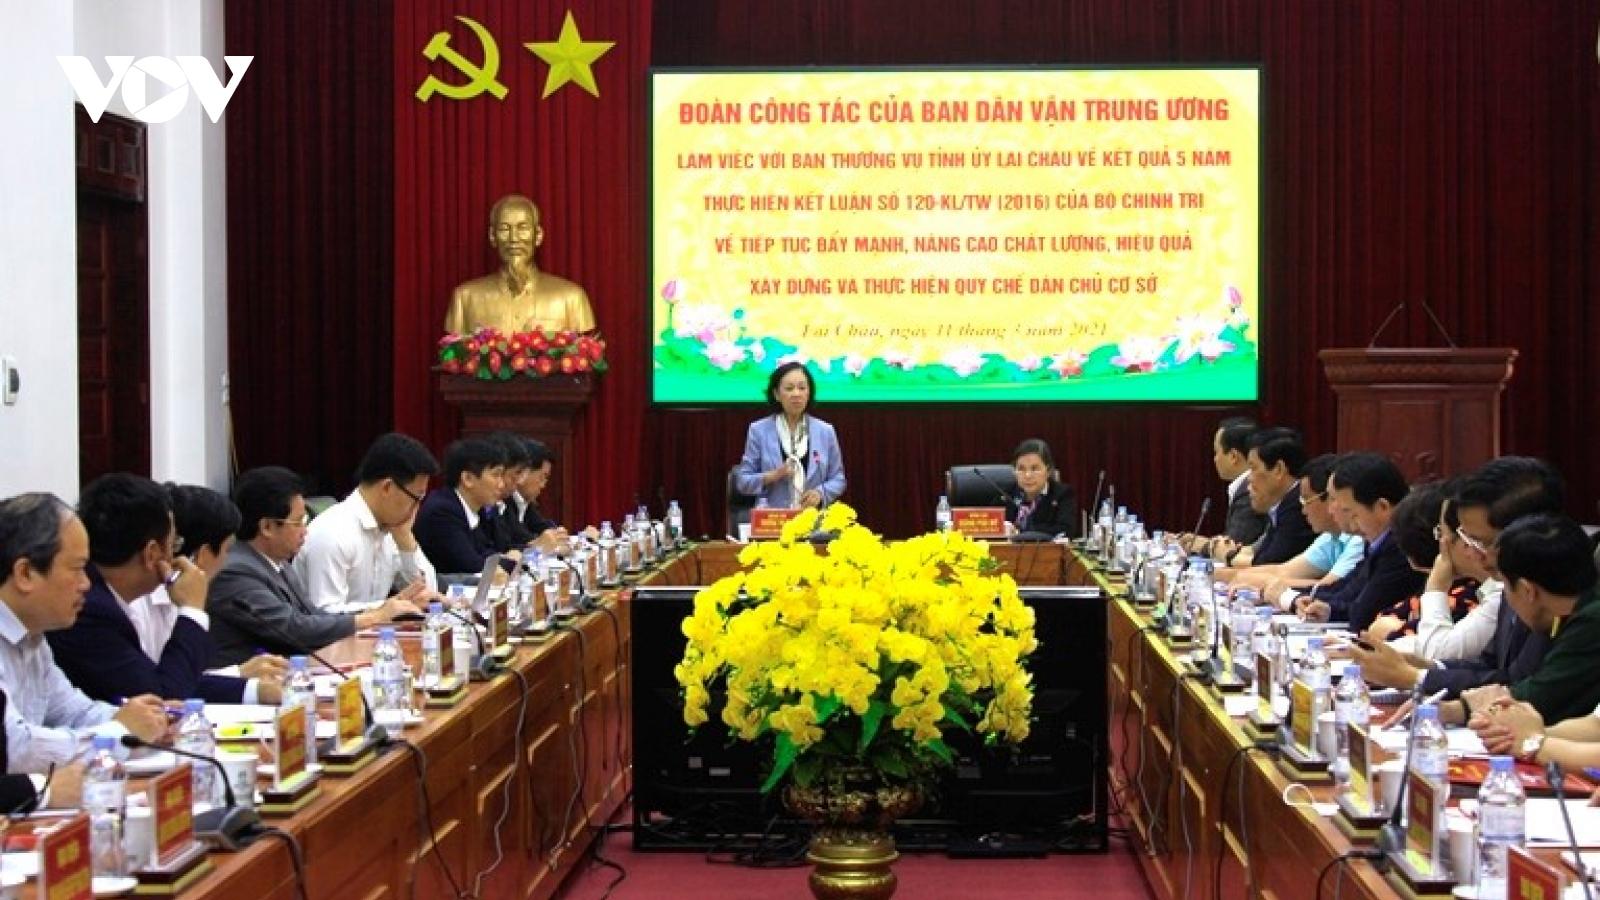 Trưởng Ban Dân vận Trung ương Trương Thị Mai làm việc tại Lai Châu